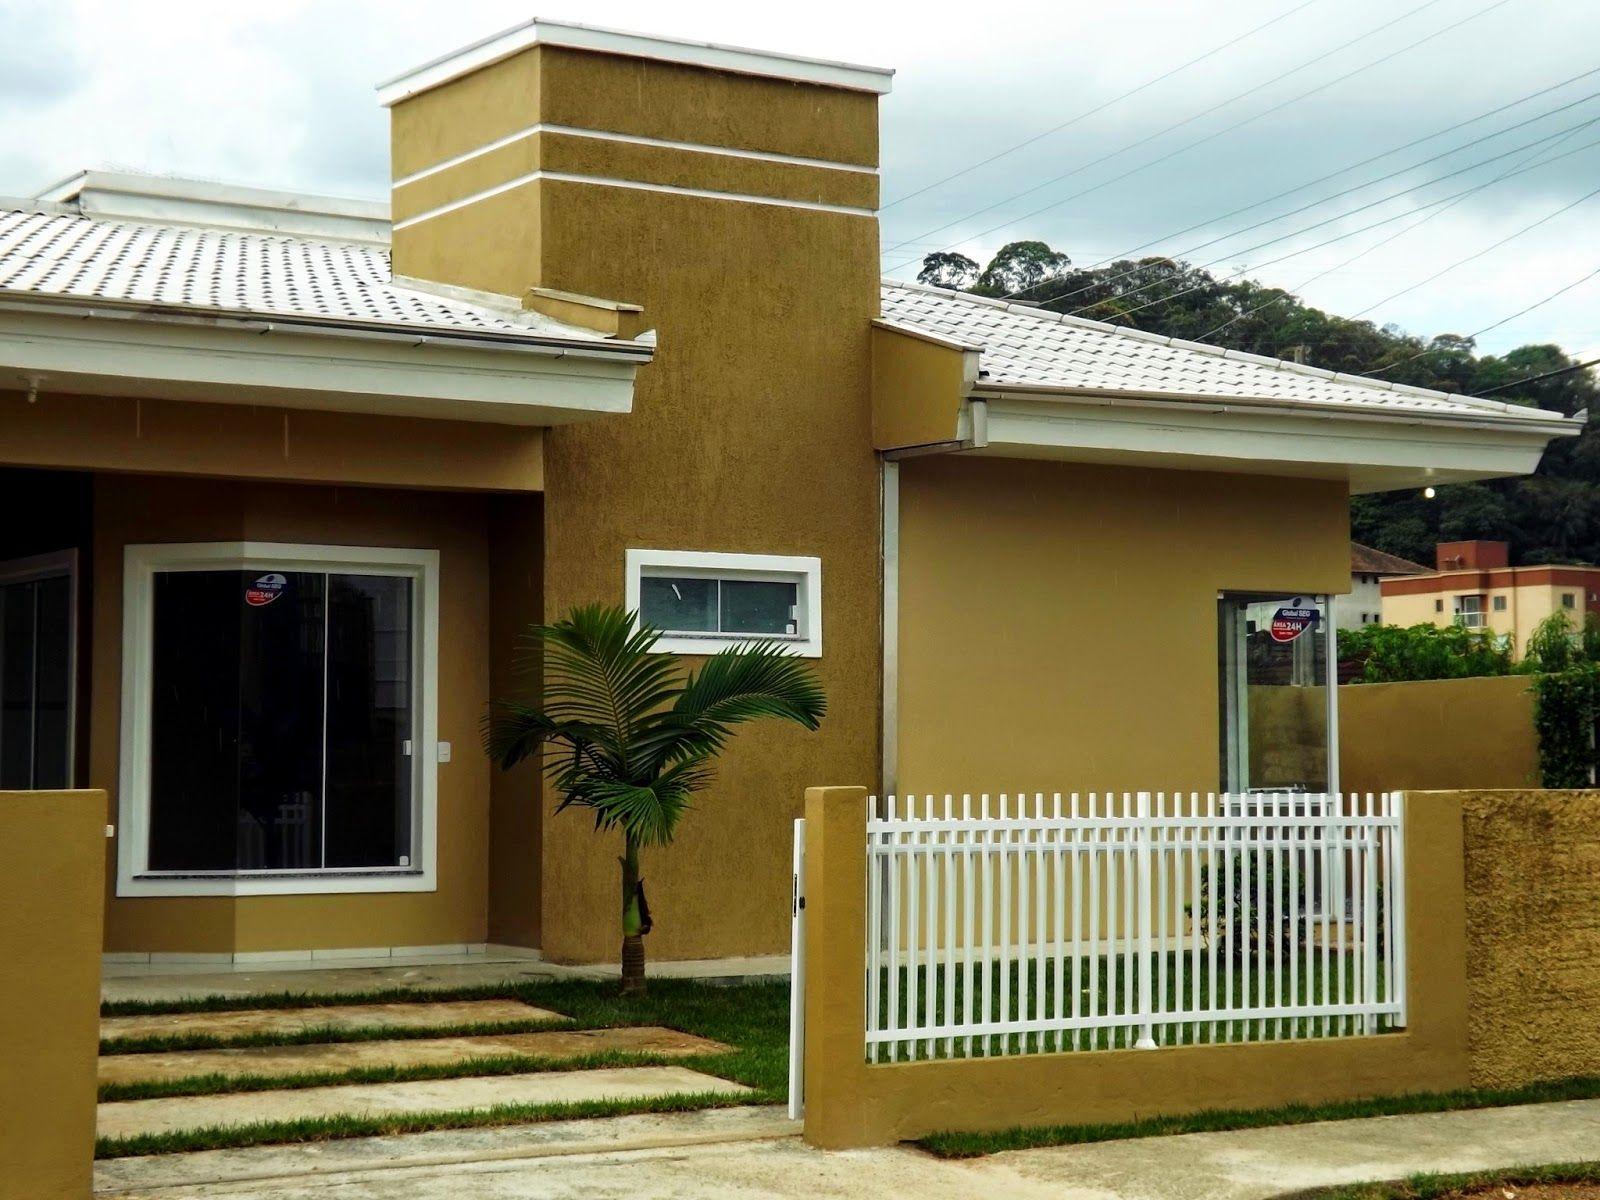 Casa com fachadas pintadas com textura pesquisa google homes home google gourmet - Fachadas de casas pintadas ...